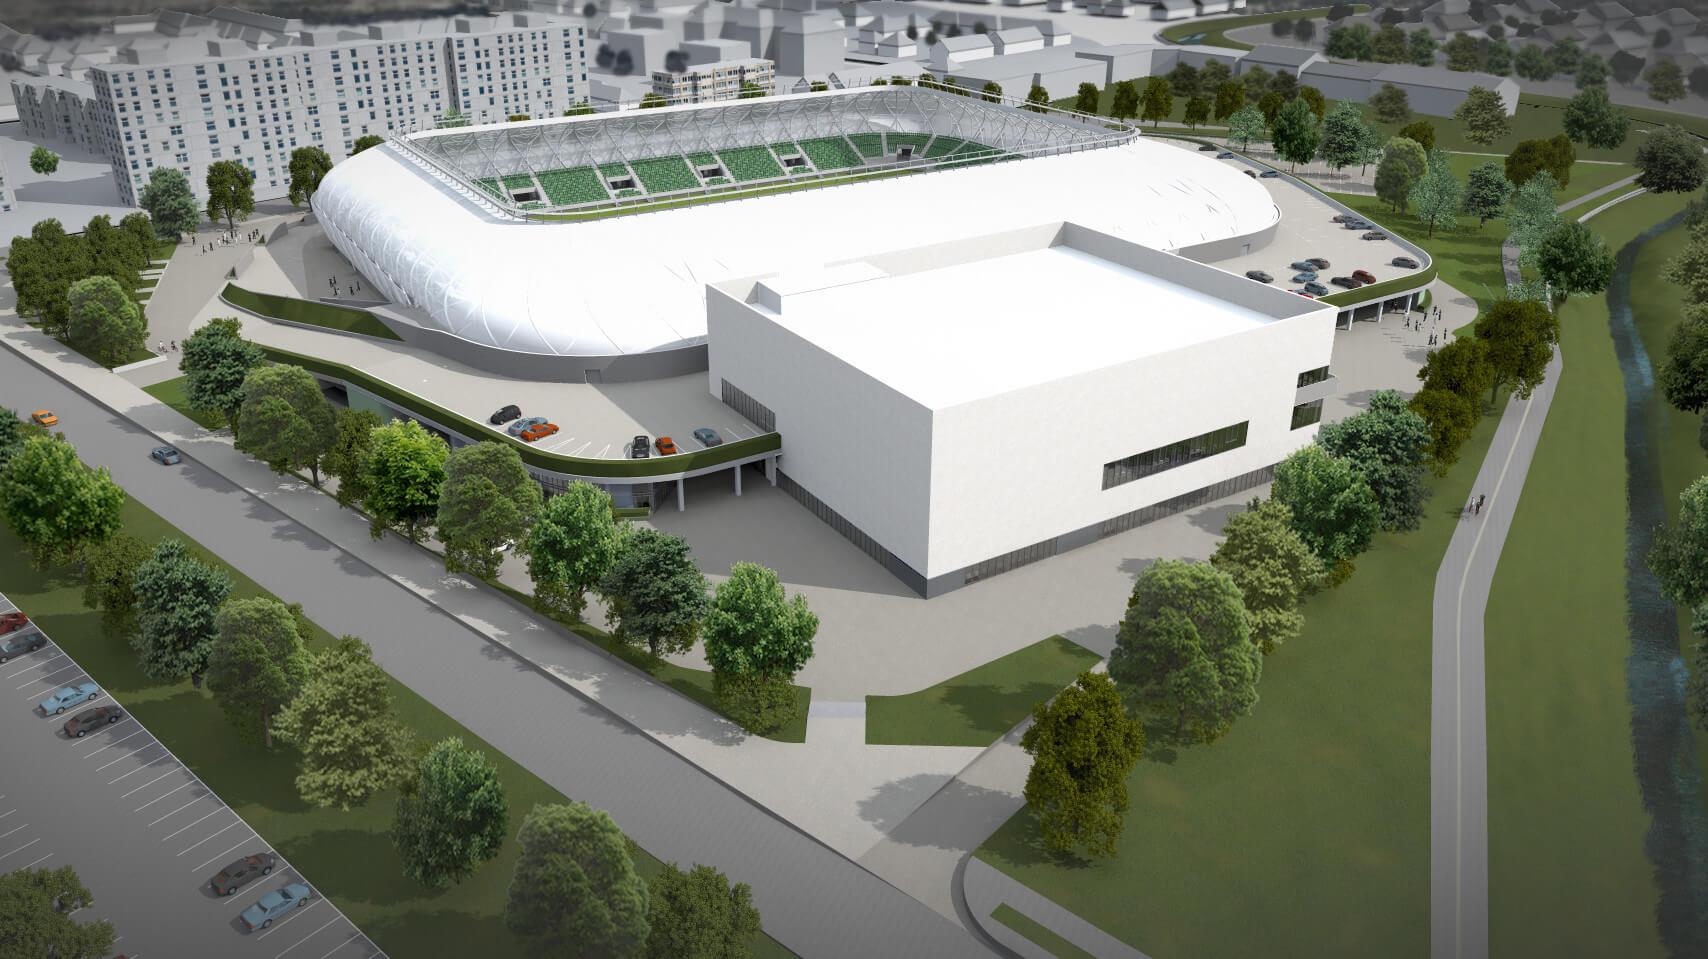 Kiderült, ki építi fel a szombathelyi sportkomplexumot